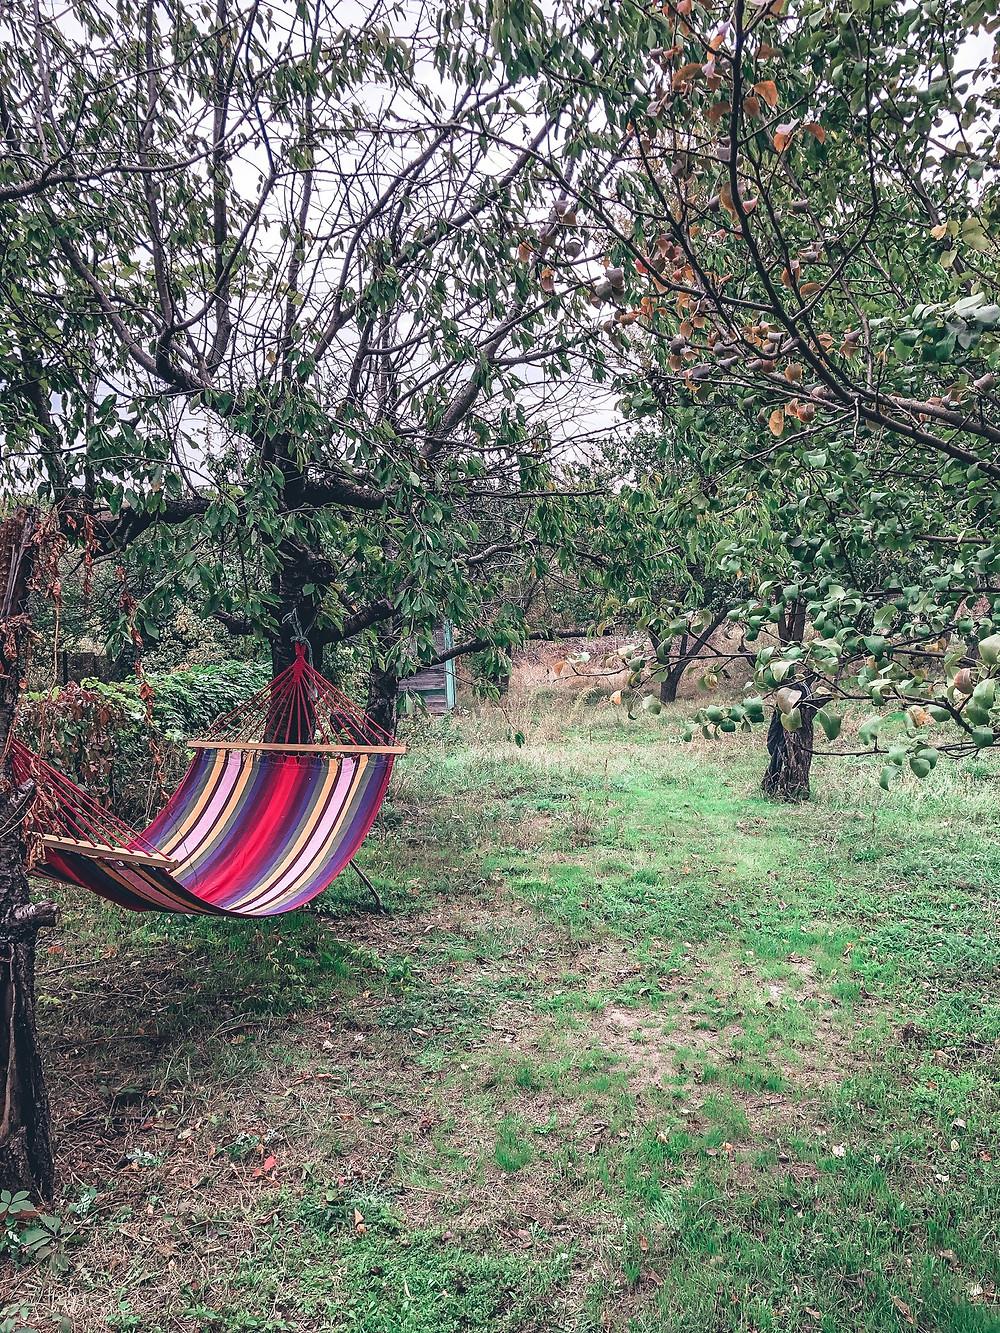 The dacha's backyard